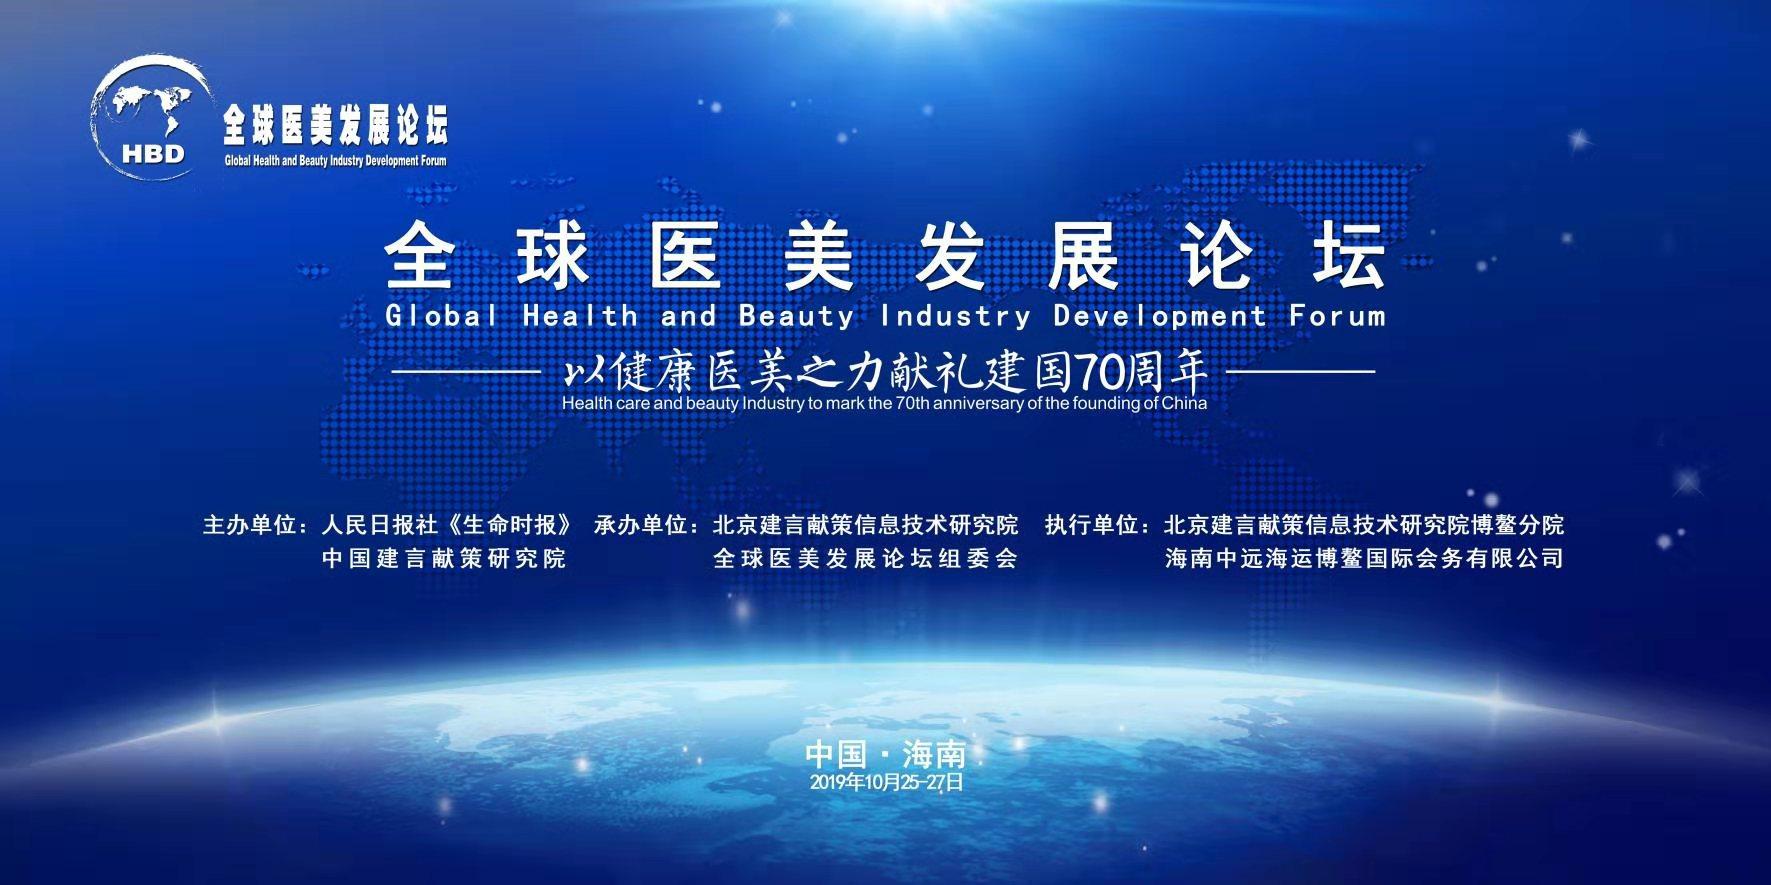 健康产业行业的大咖都参加过这6场大会